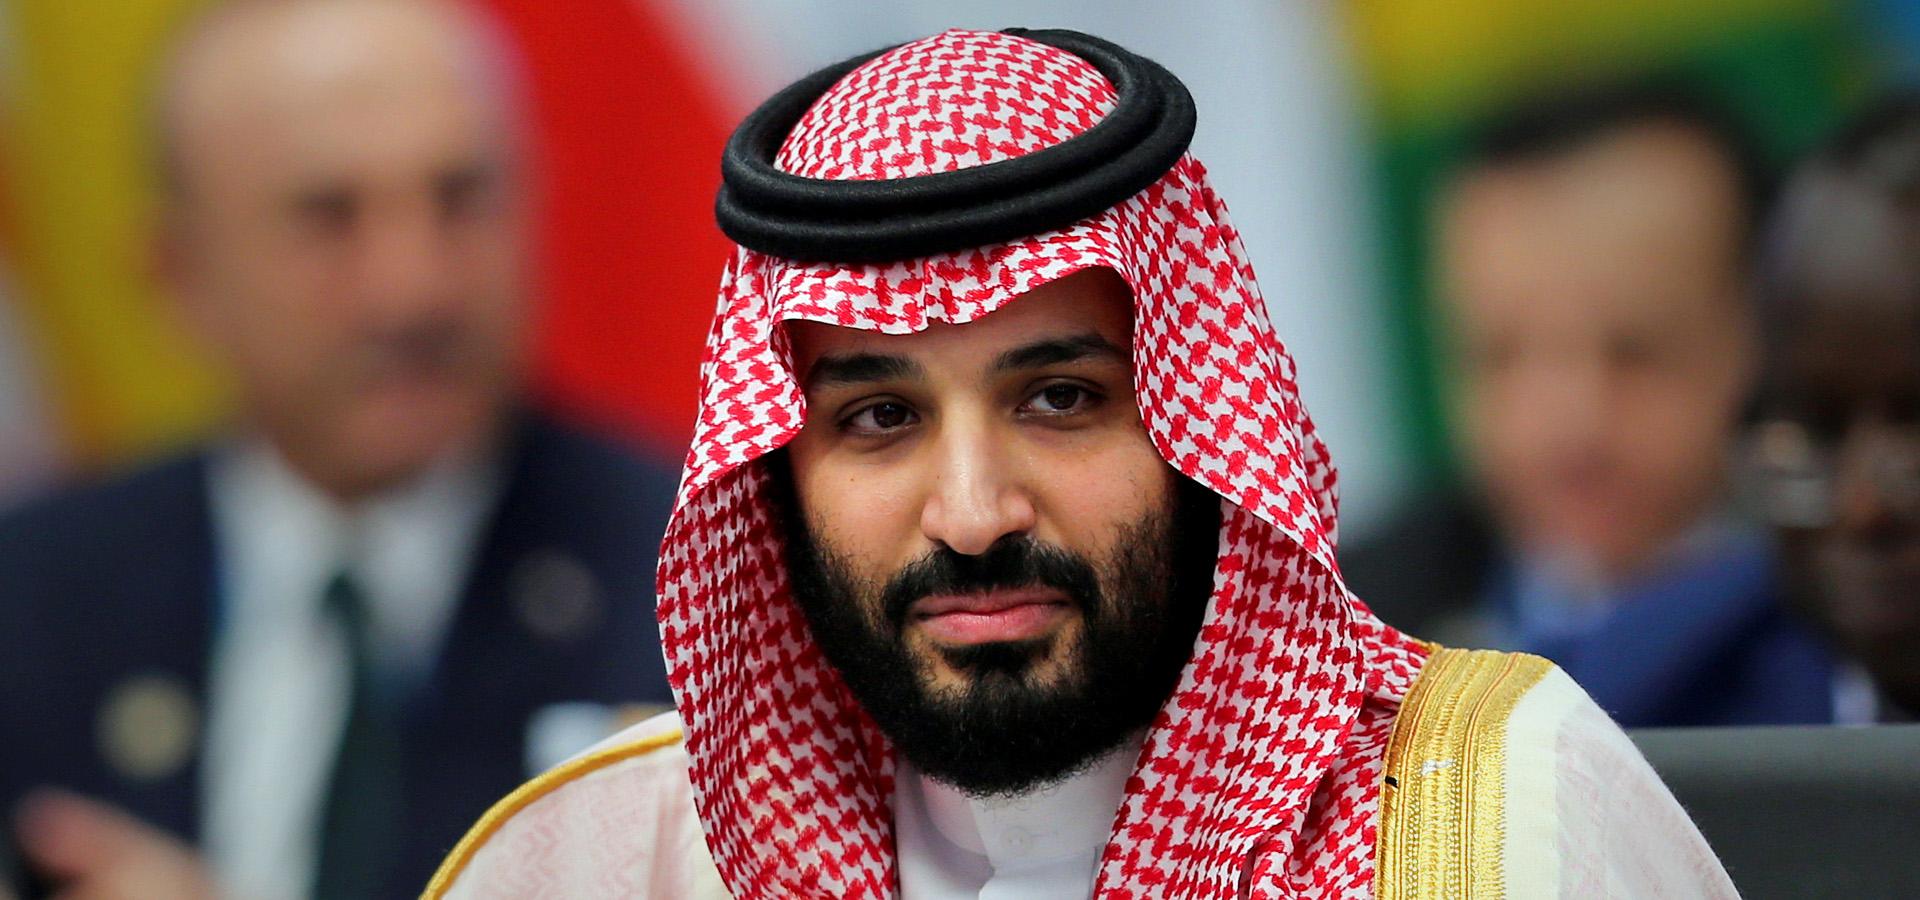 El príncipe heredero saudita Mohammed bin Salman